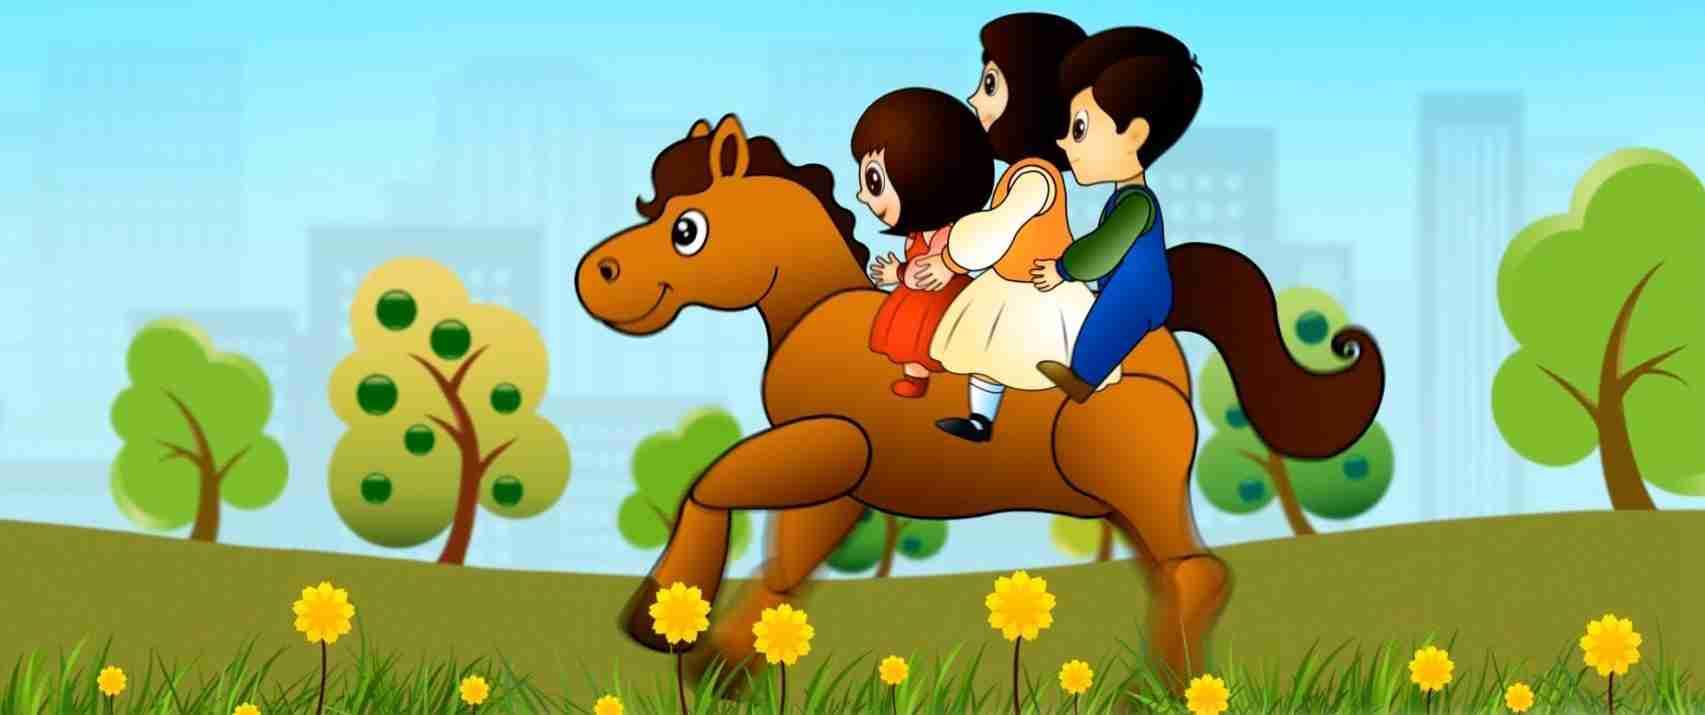 लकड़ी की काठी, काठी पे घोड़ा